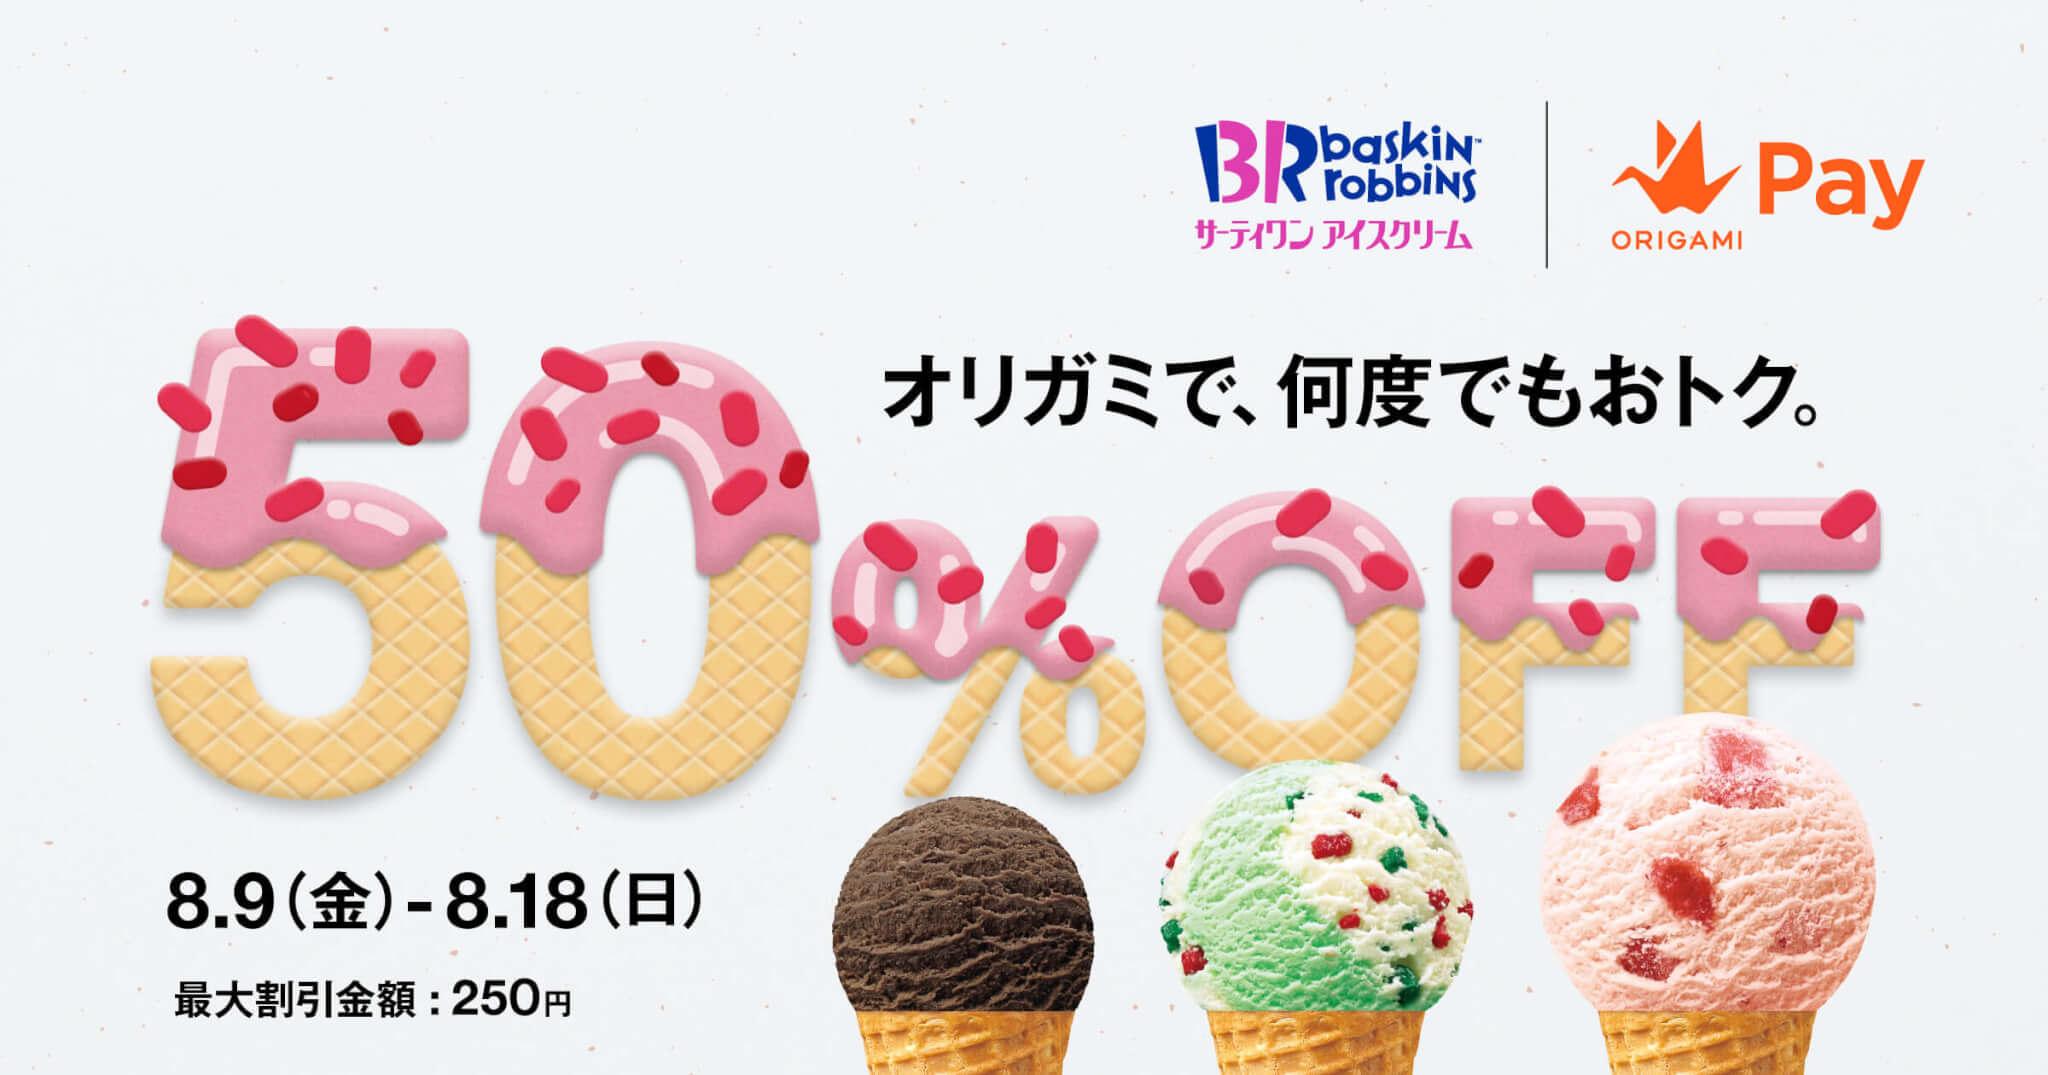 Origami Payのサーティワンアイスクリーム半額キャンペーン